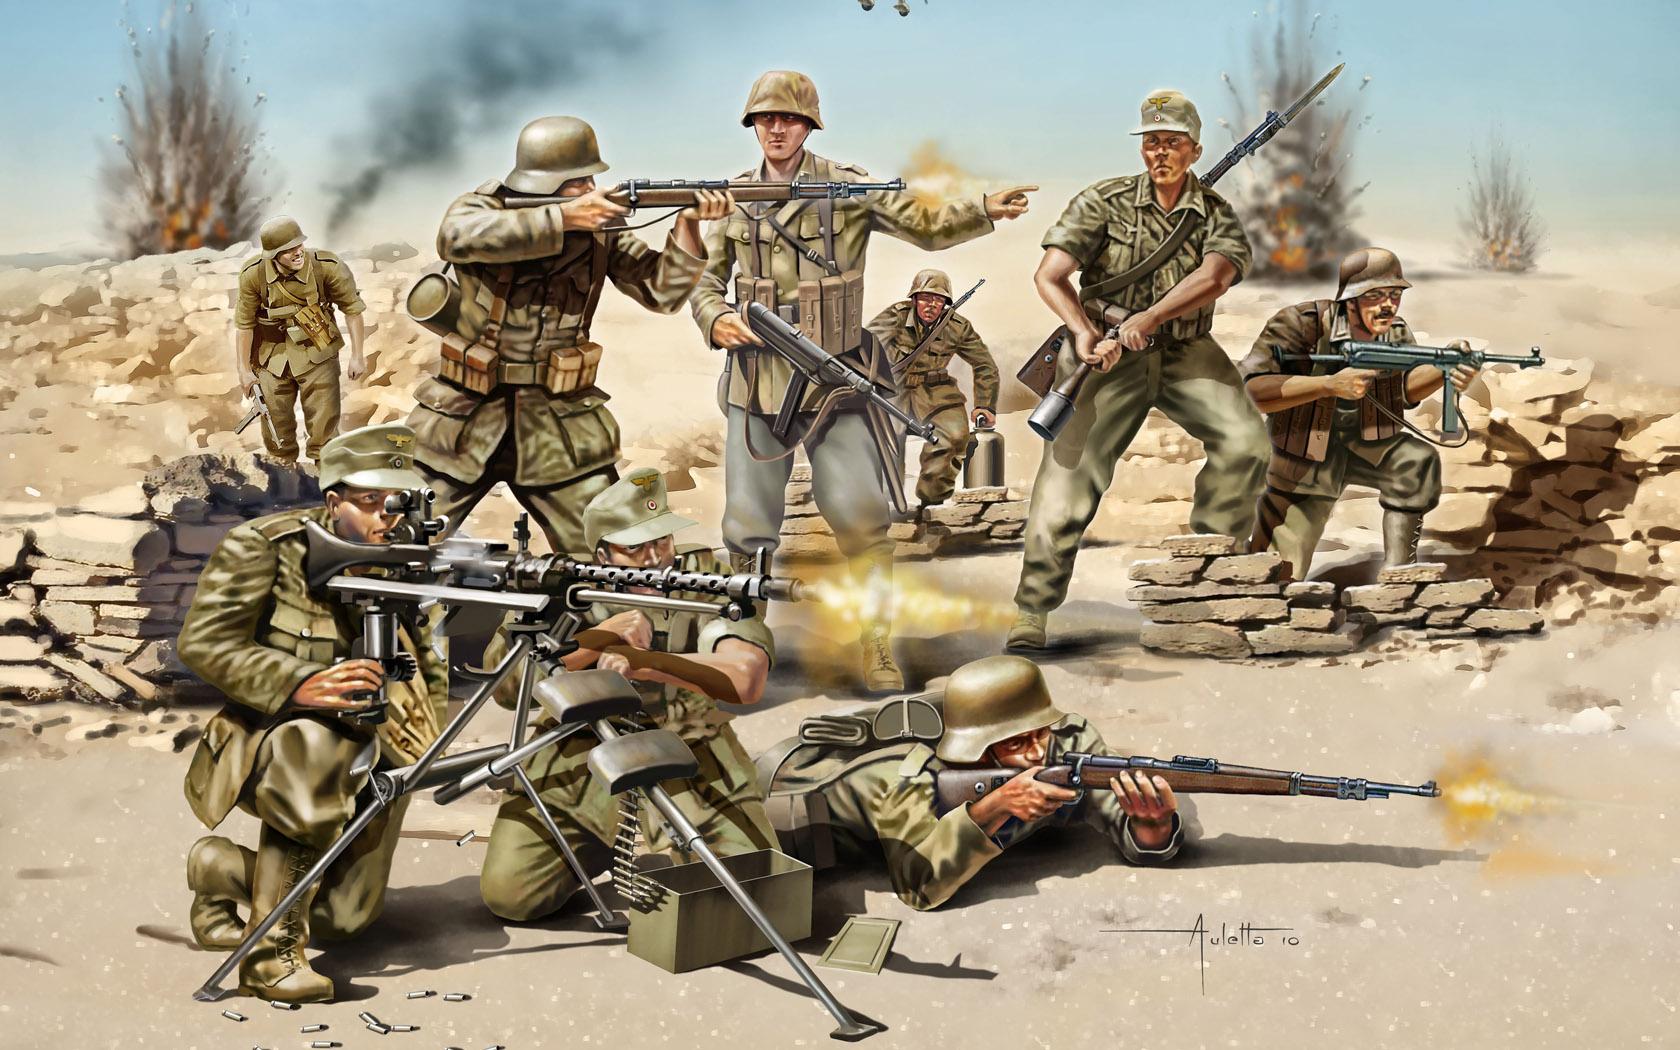 рисунок немецкие солдаты в Северной Африке